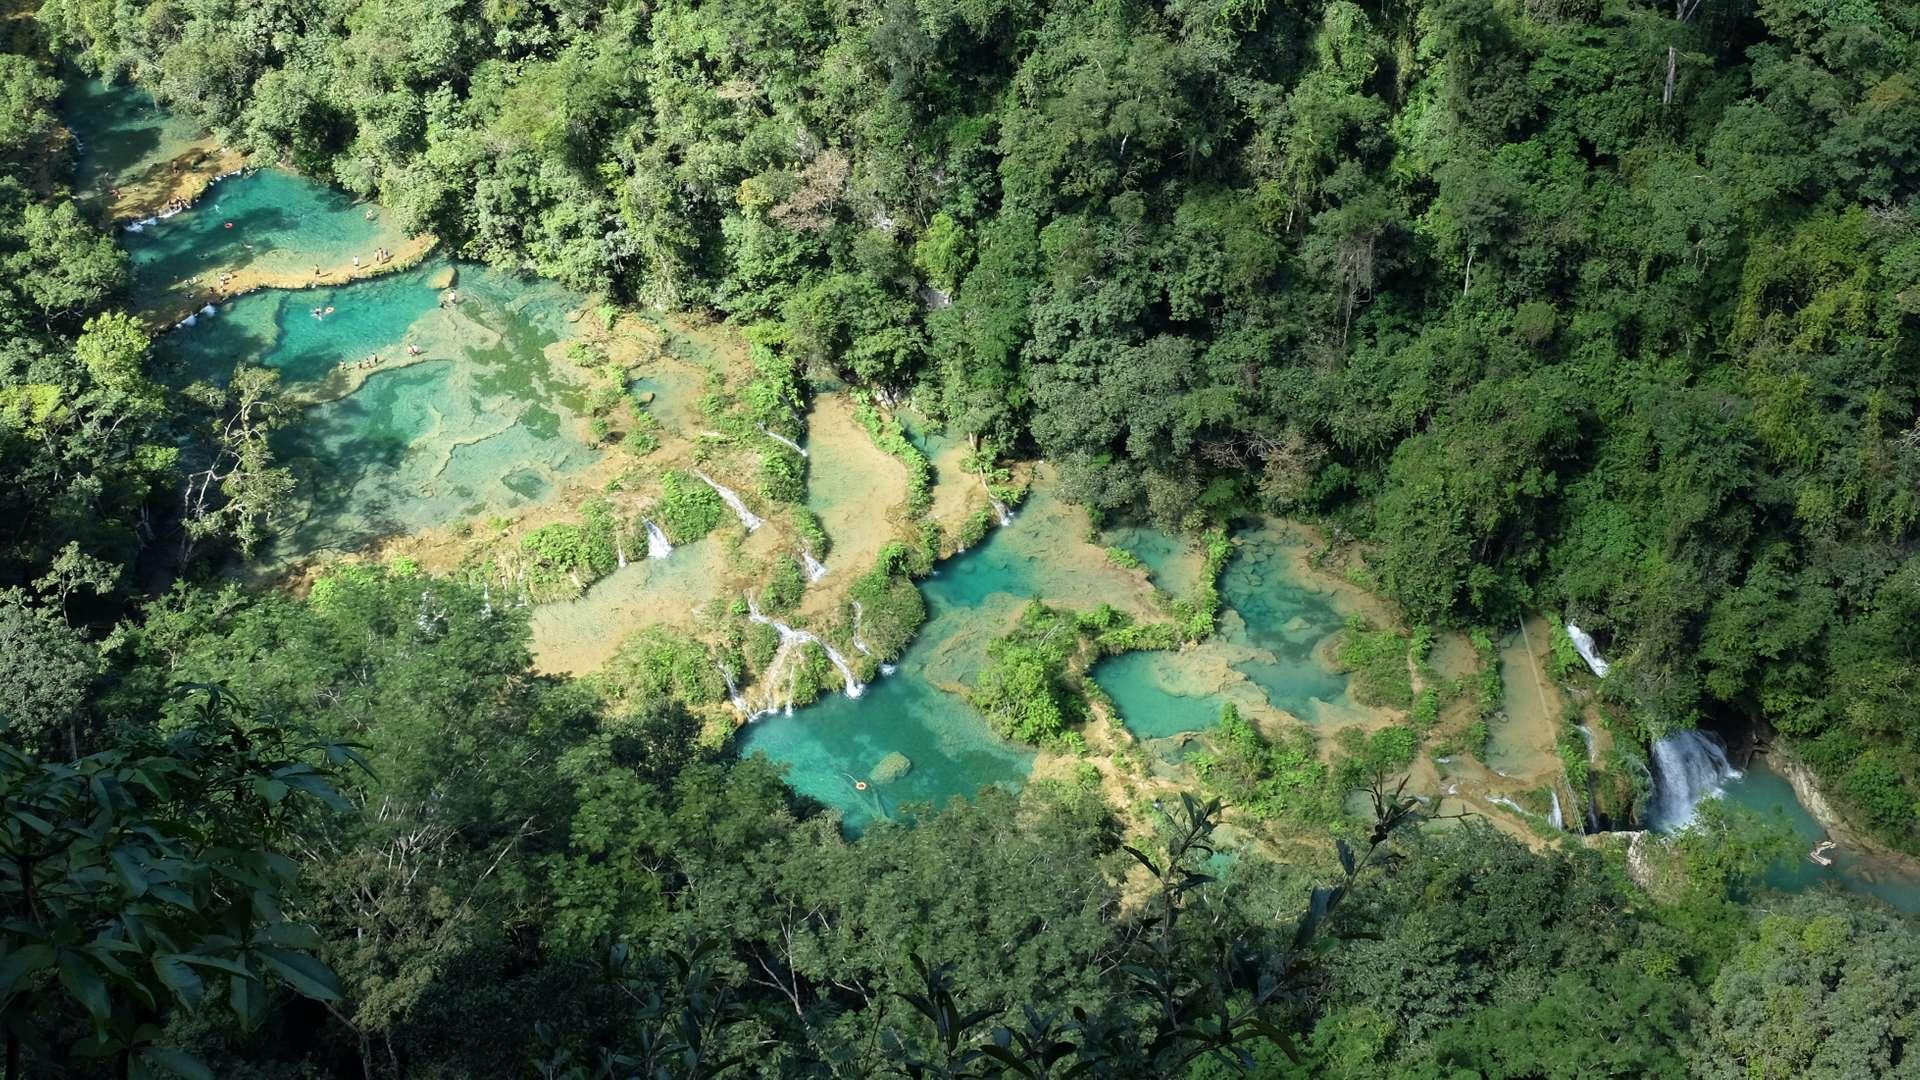 Natuurlijk zwembad, Semuc Champey, Guatemala